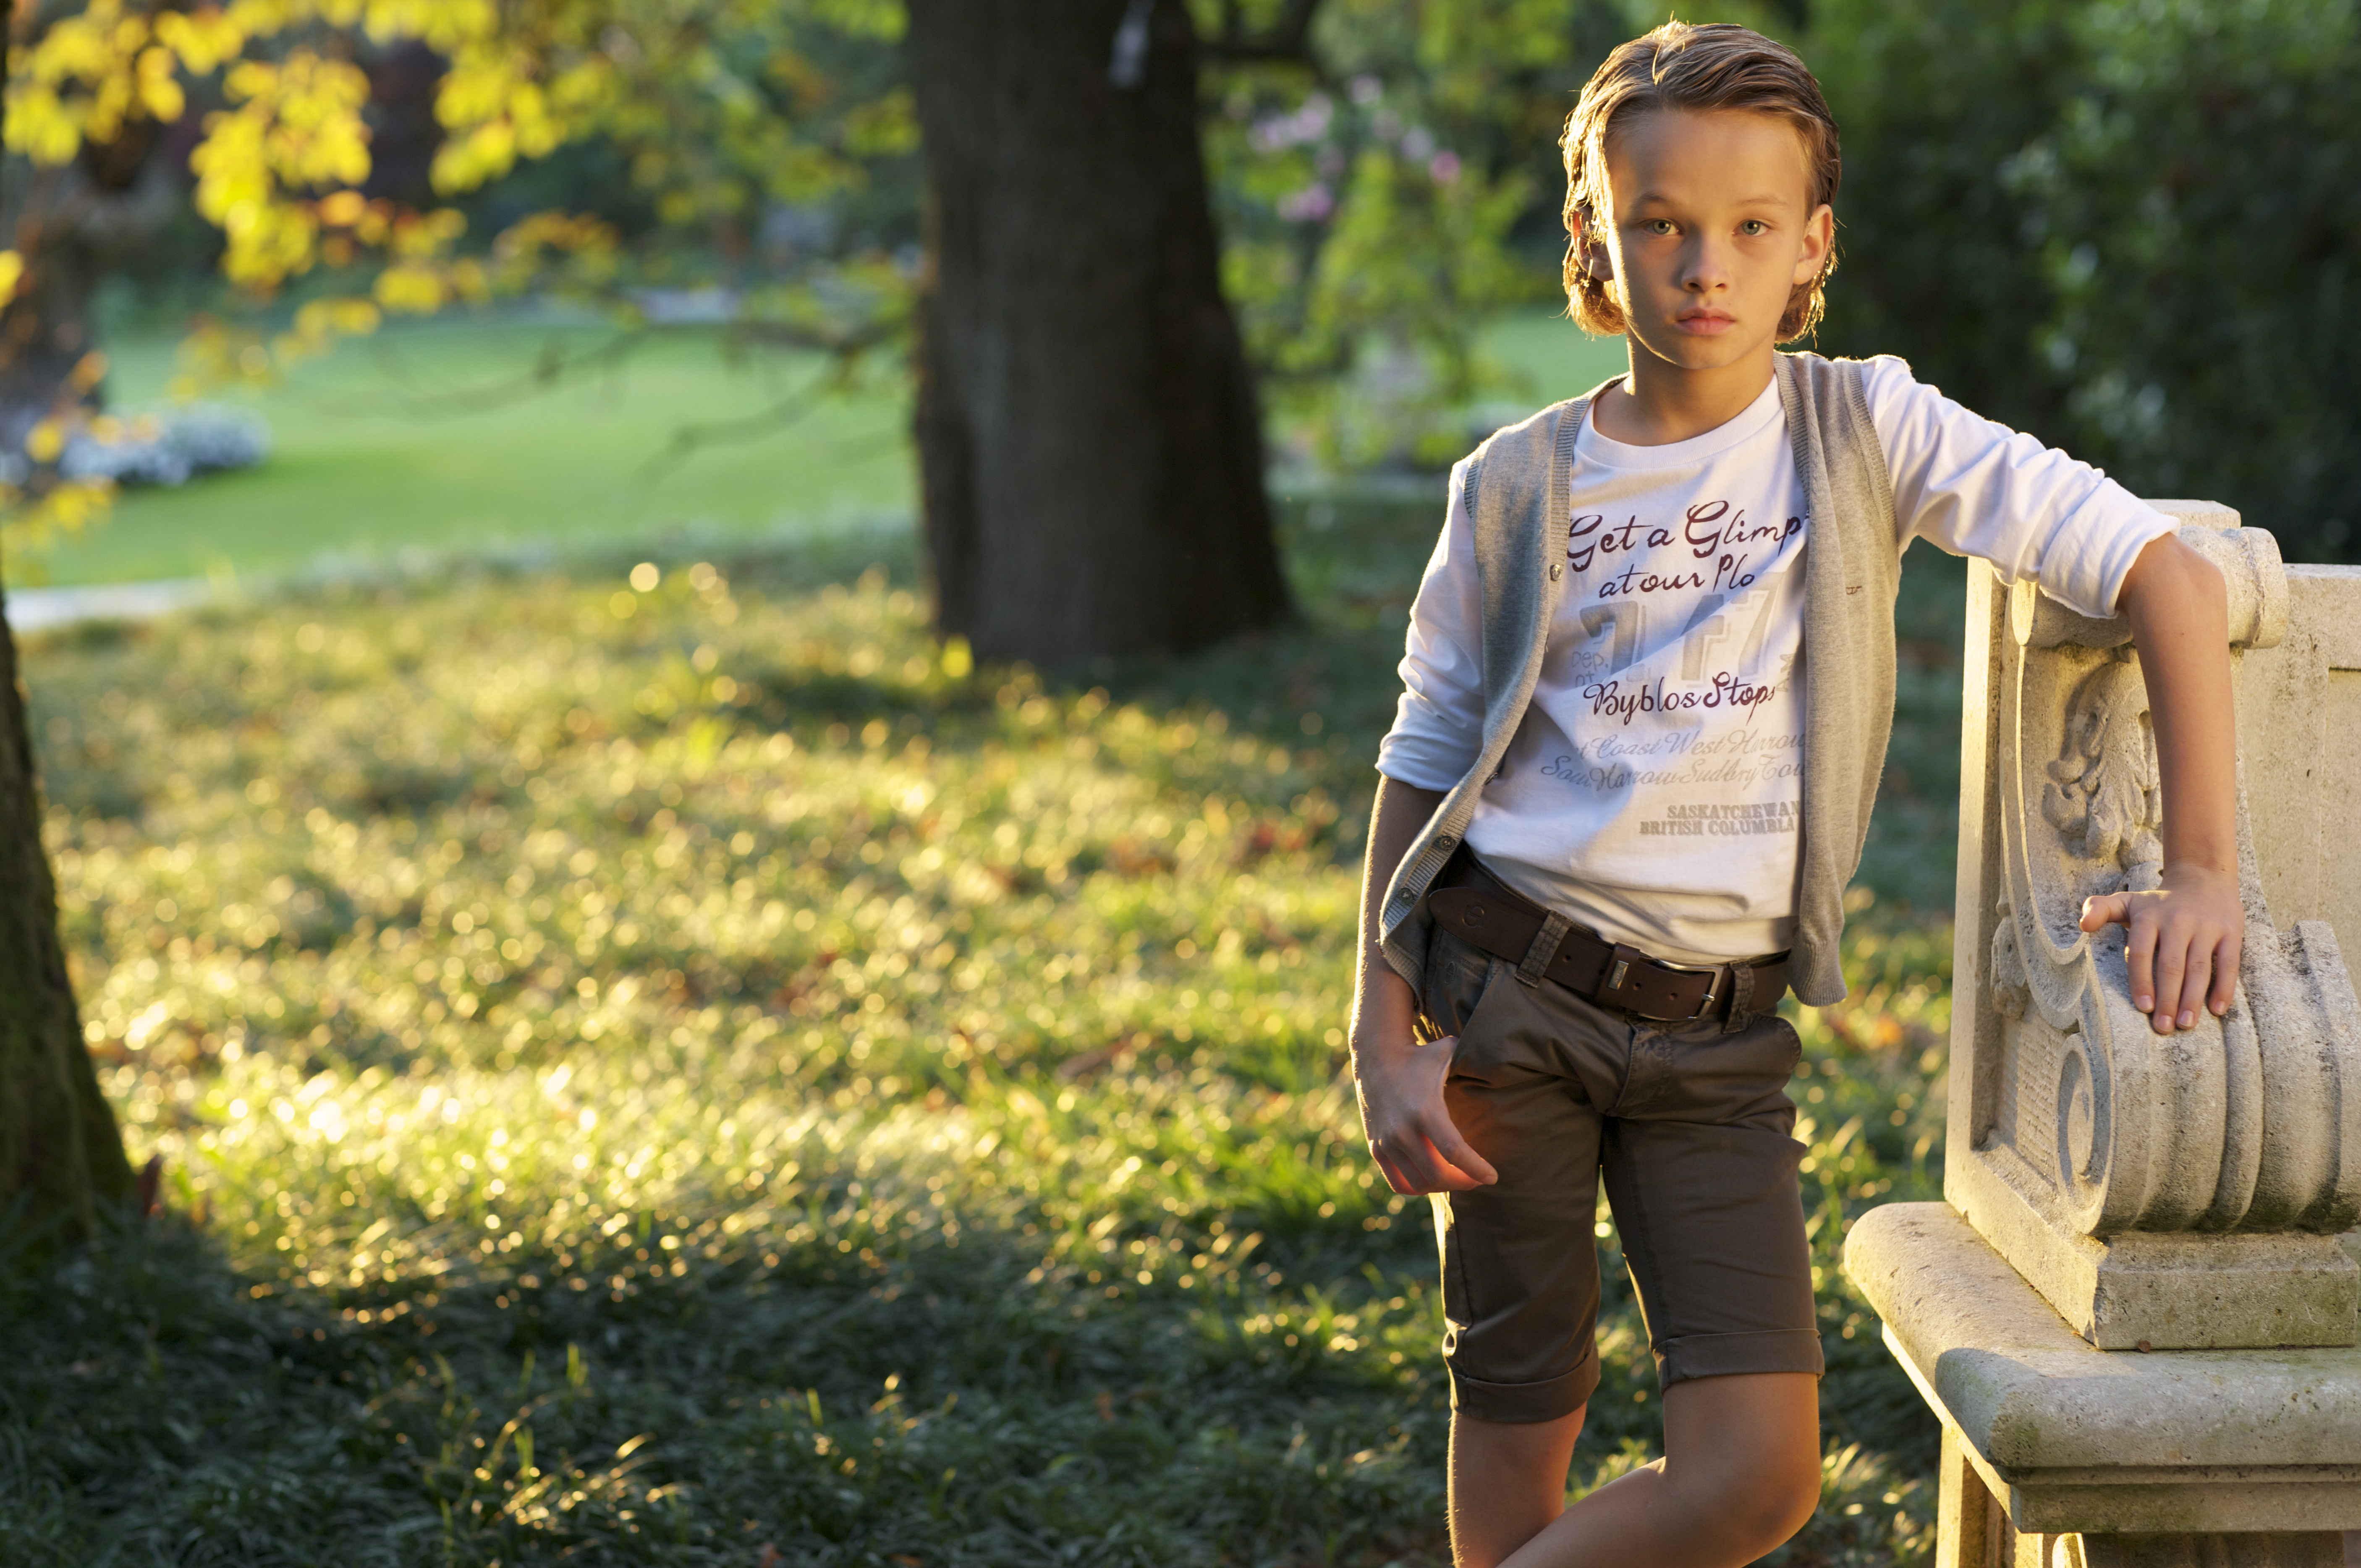 Девушка 13 лет фото без лица на аву